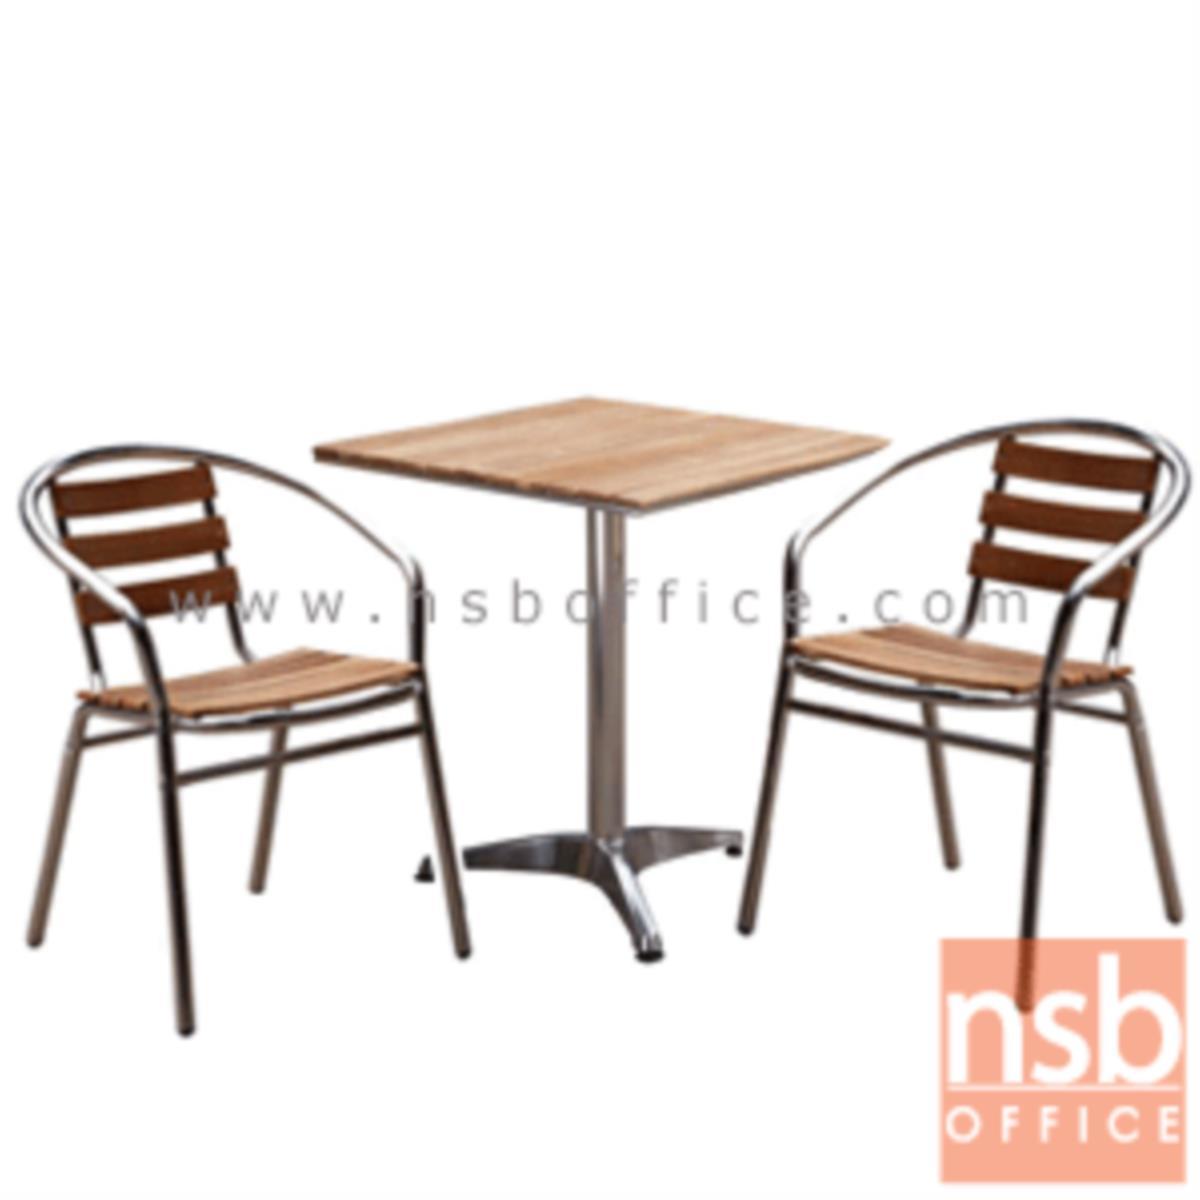 โต๊ะบาร์หน้าไม้สน รุ่น Hudgens (ฮัดเจนส์) ขนาด 60W cm.  โครงอลูมิเนียม